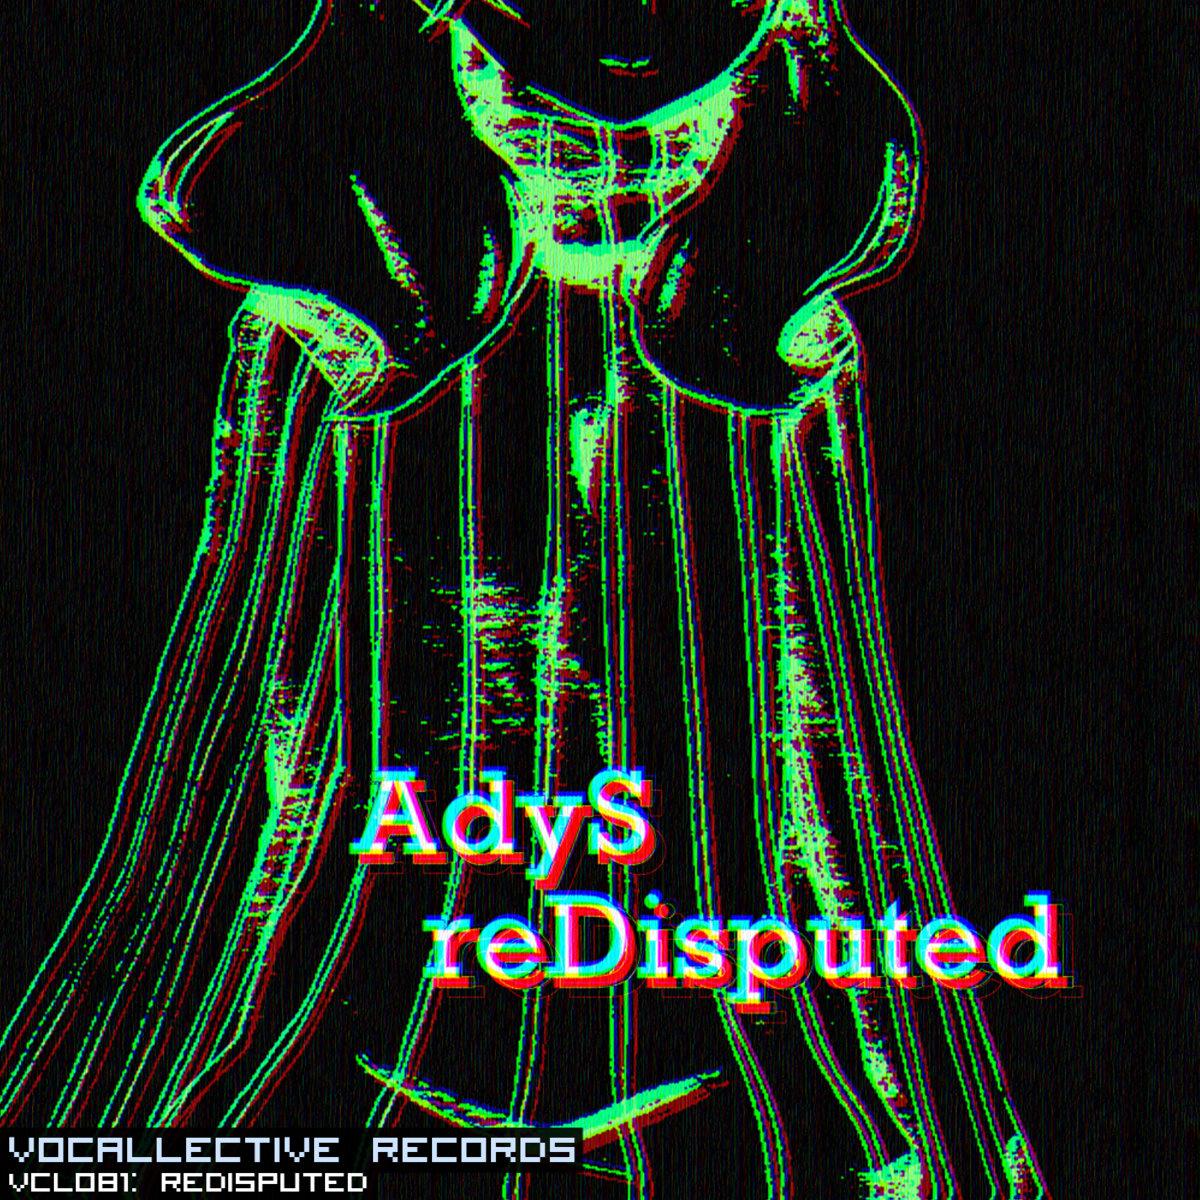 ReDisputed